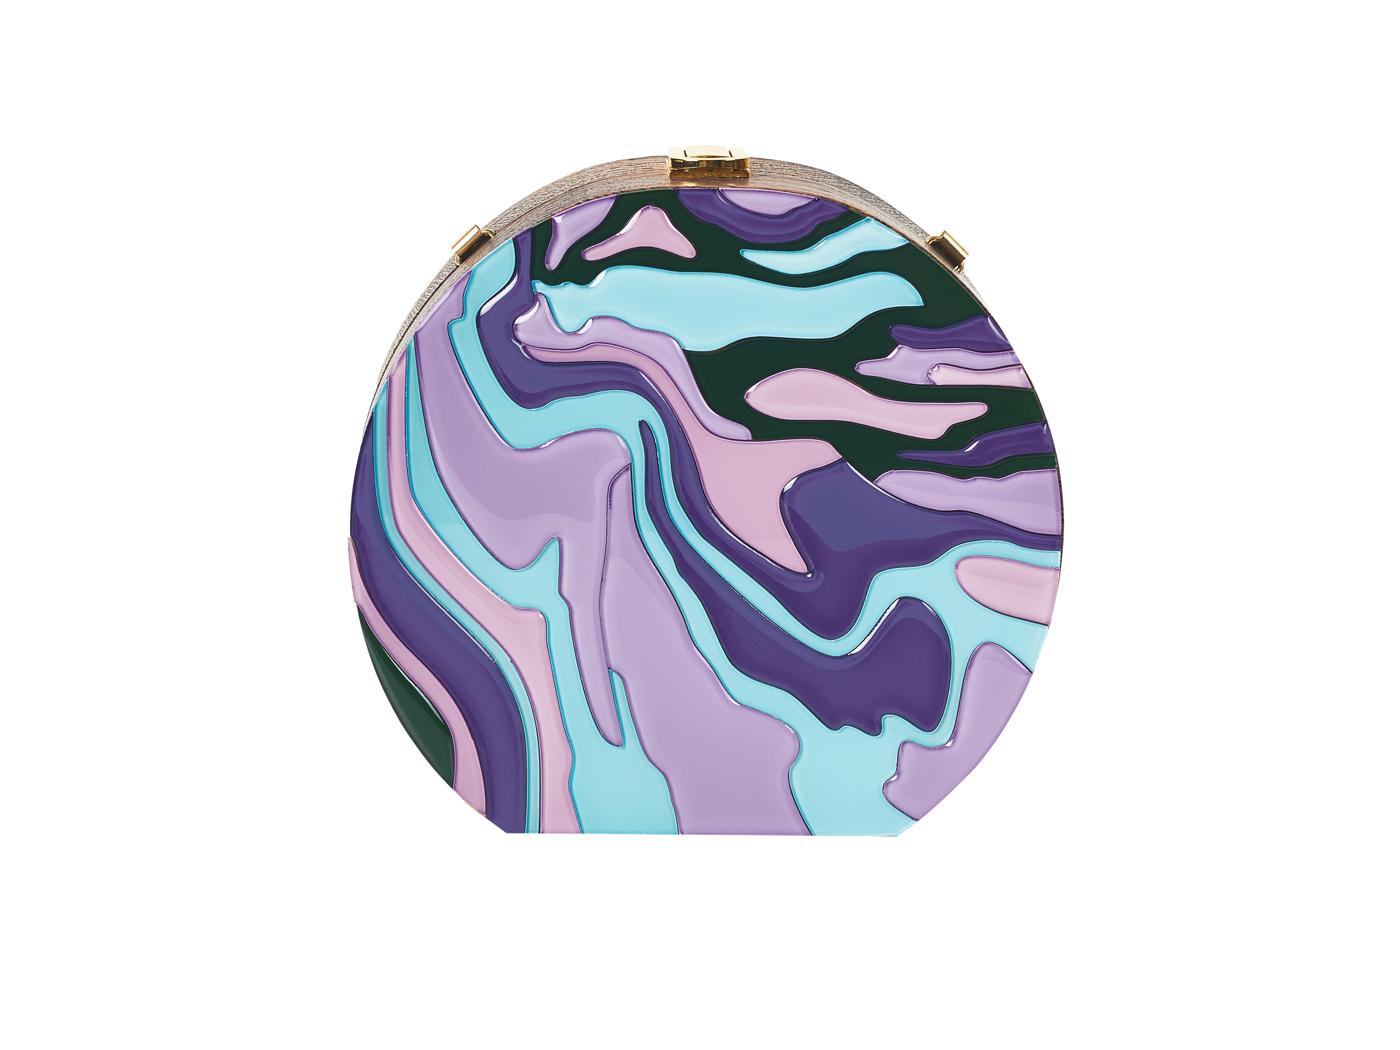 Golovina-marble-clutch-bag-violet-and-blue-1